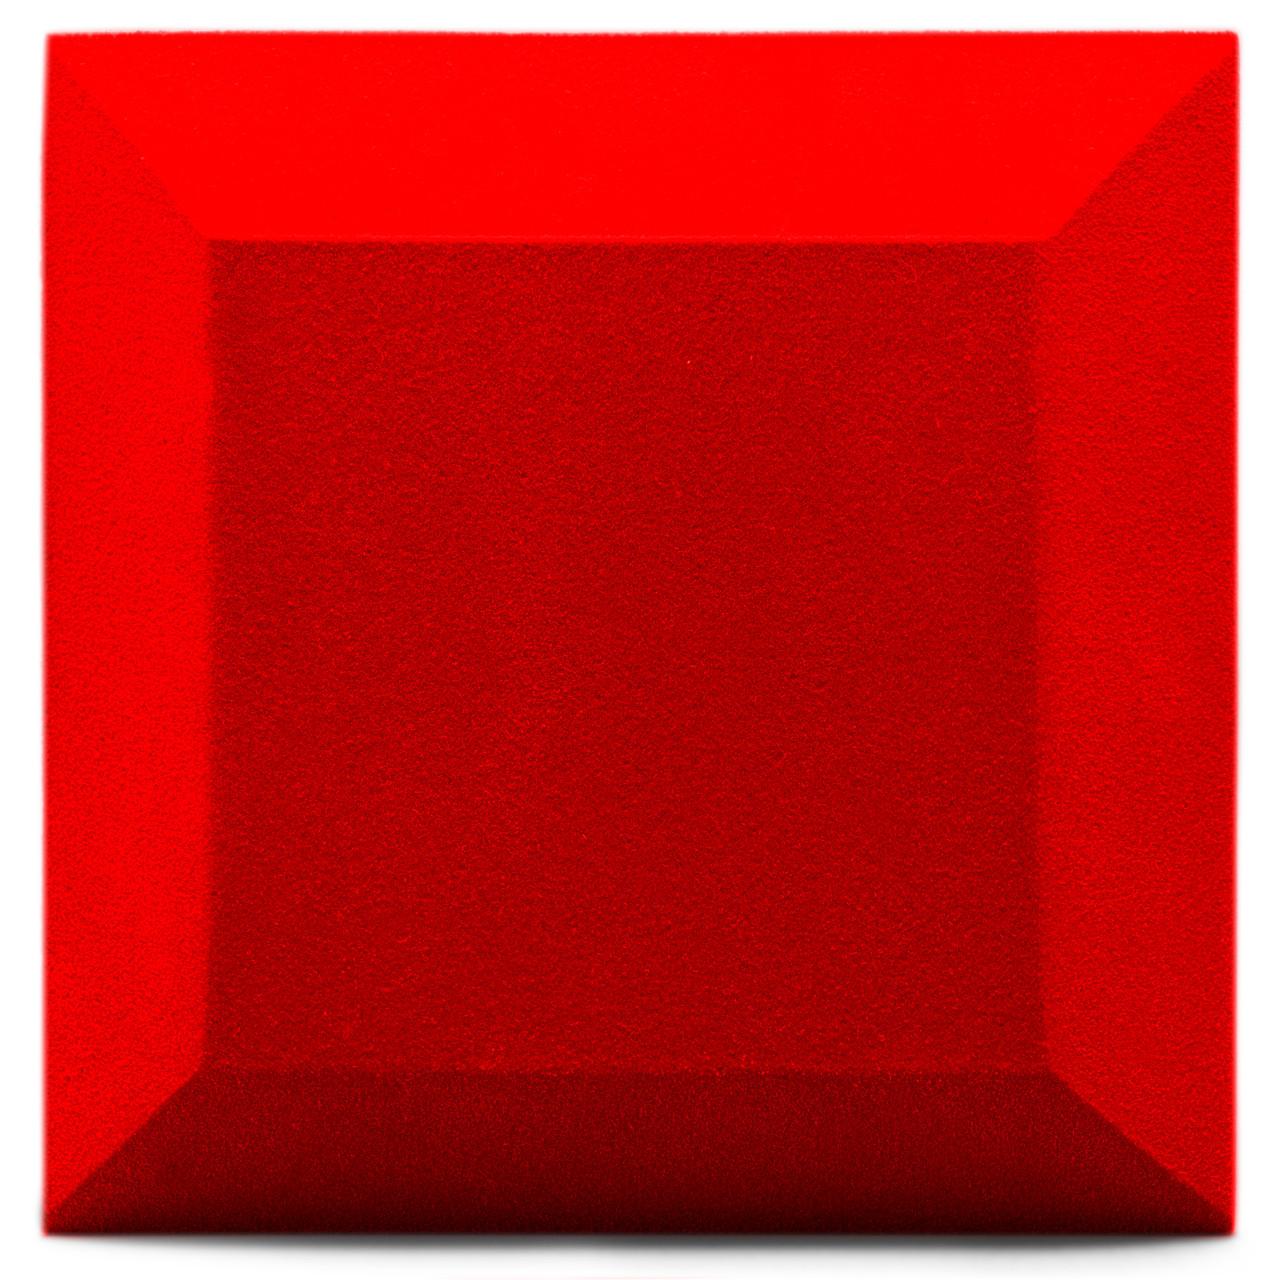 Бархатная акустическая панель из акустического поролона Ecosound Velvet Red 25х25см 50мм. Цвет красный